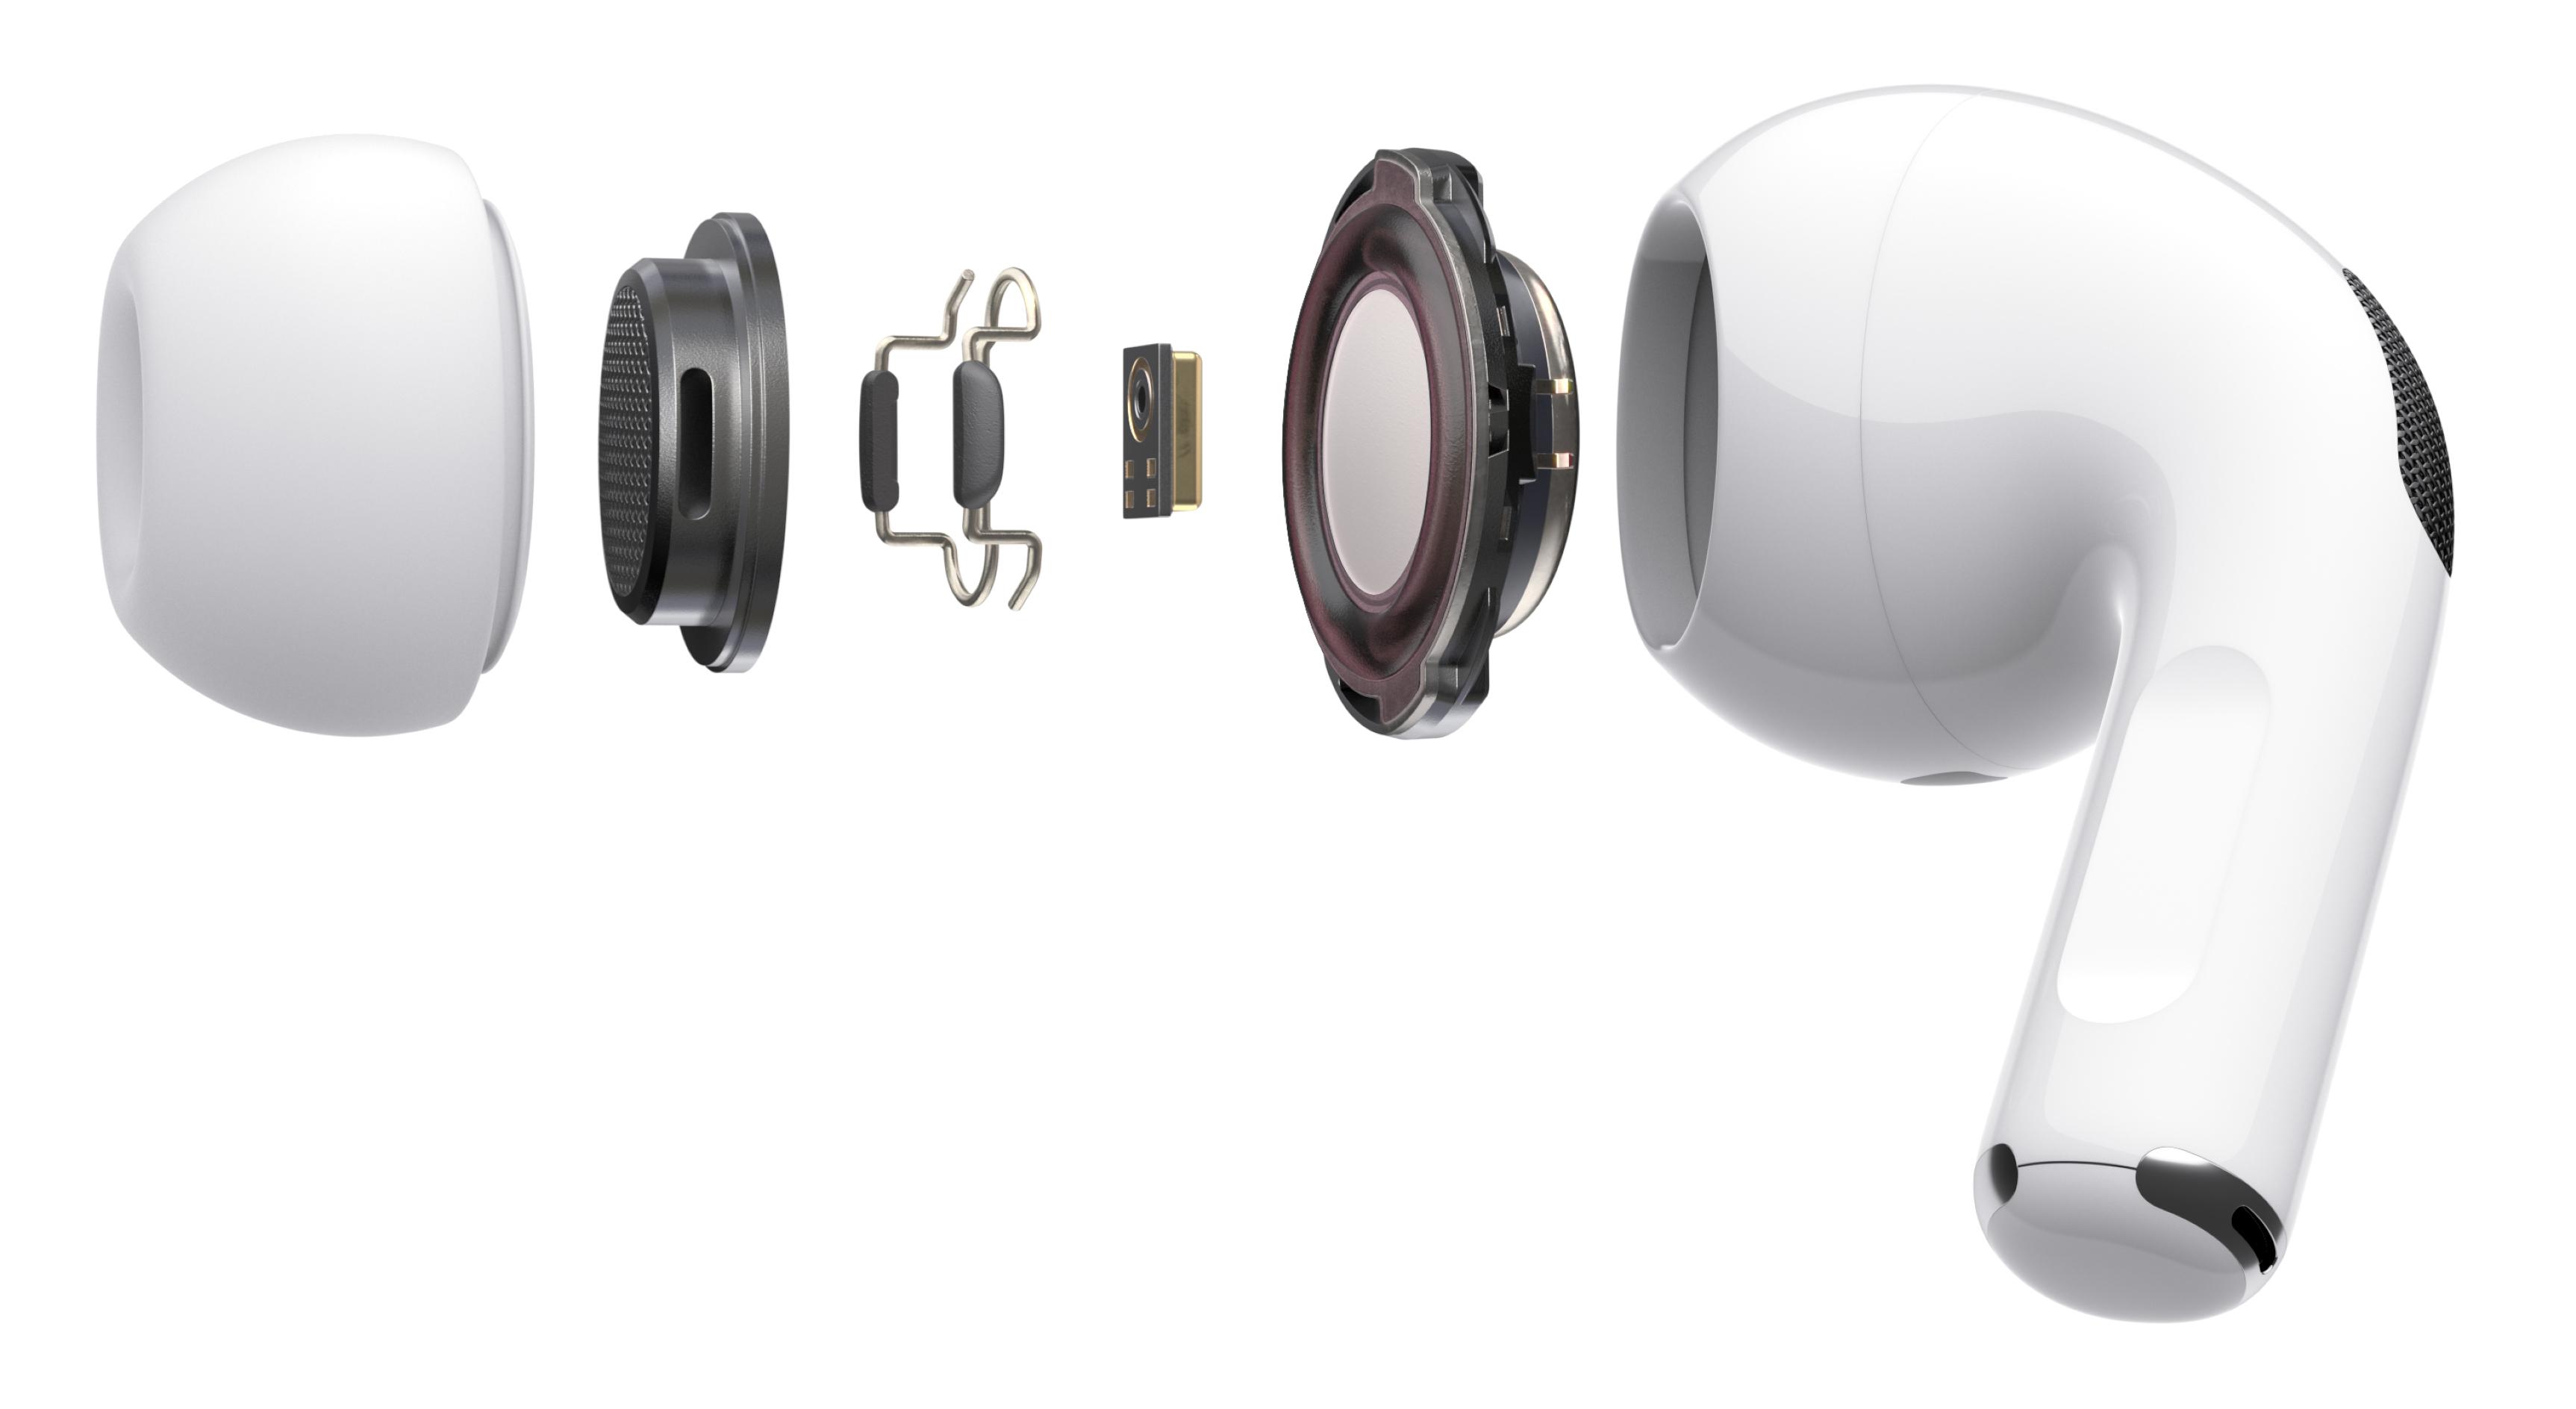 Composants des Apple AirPods Pro